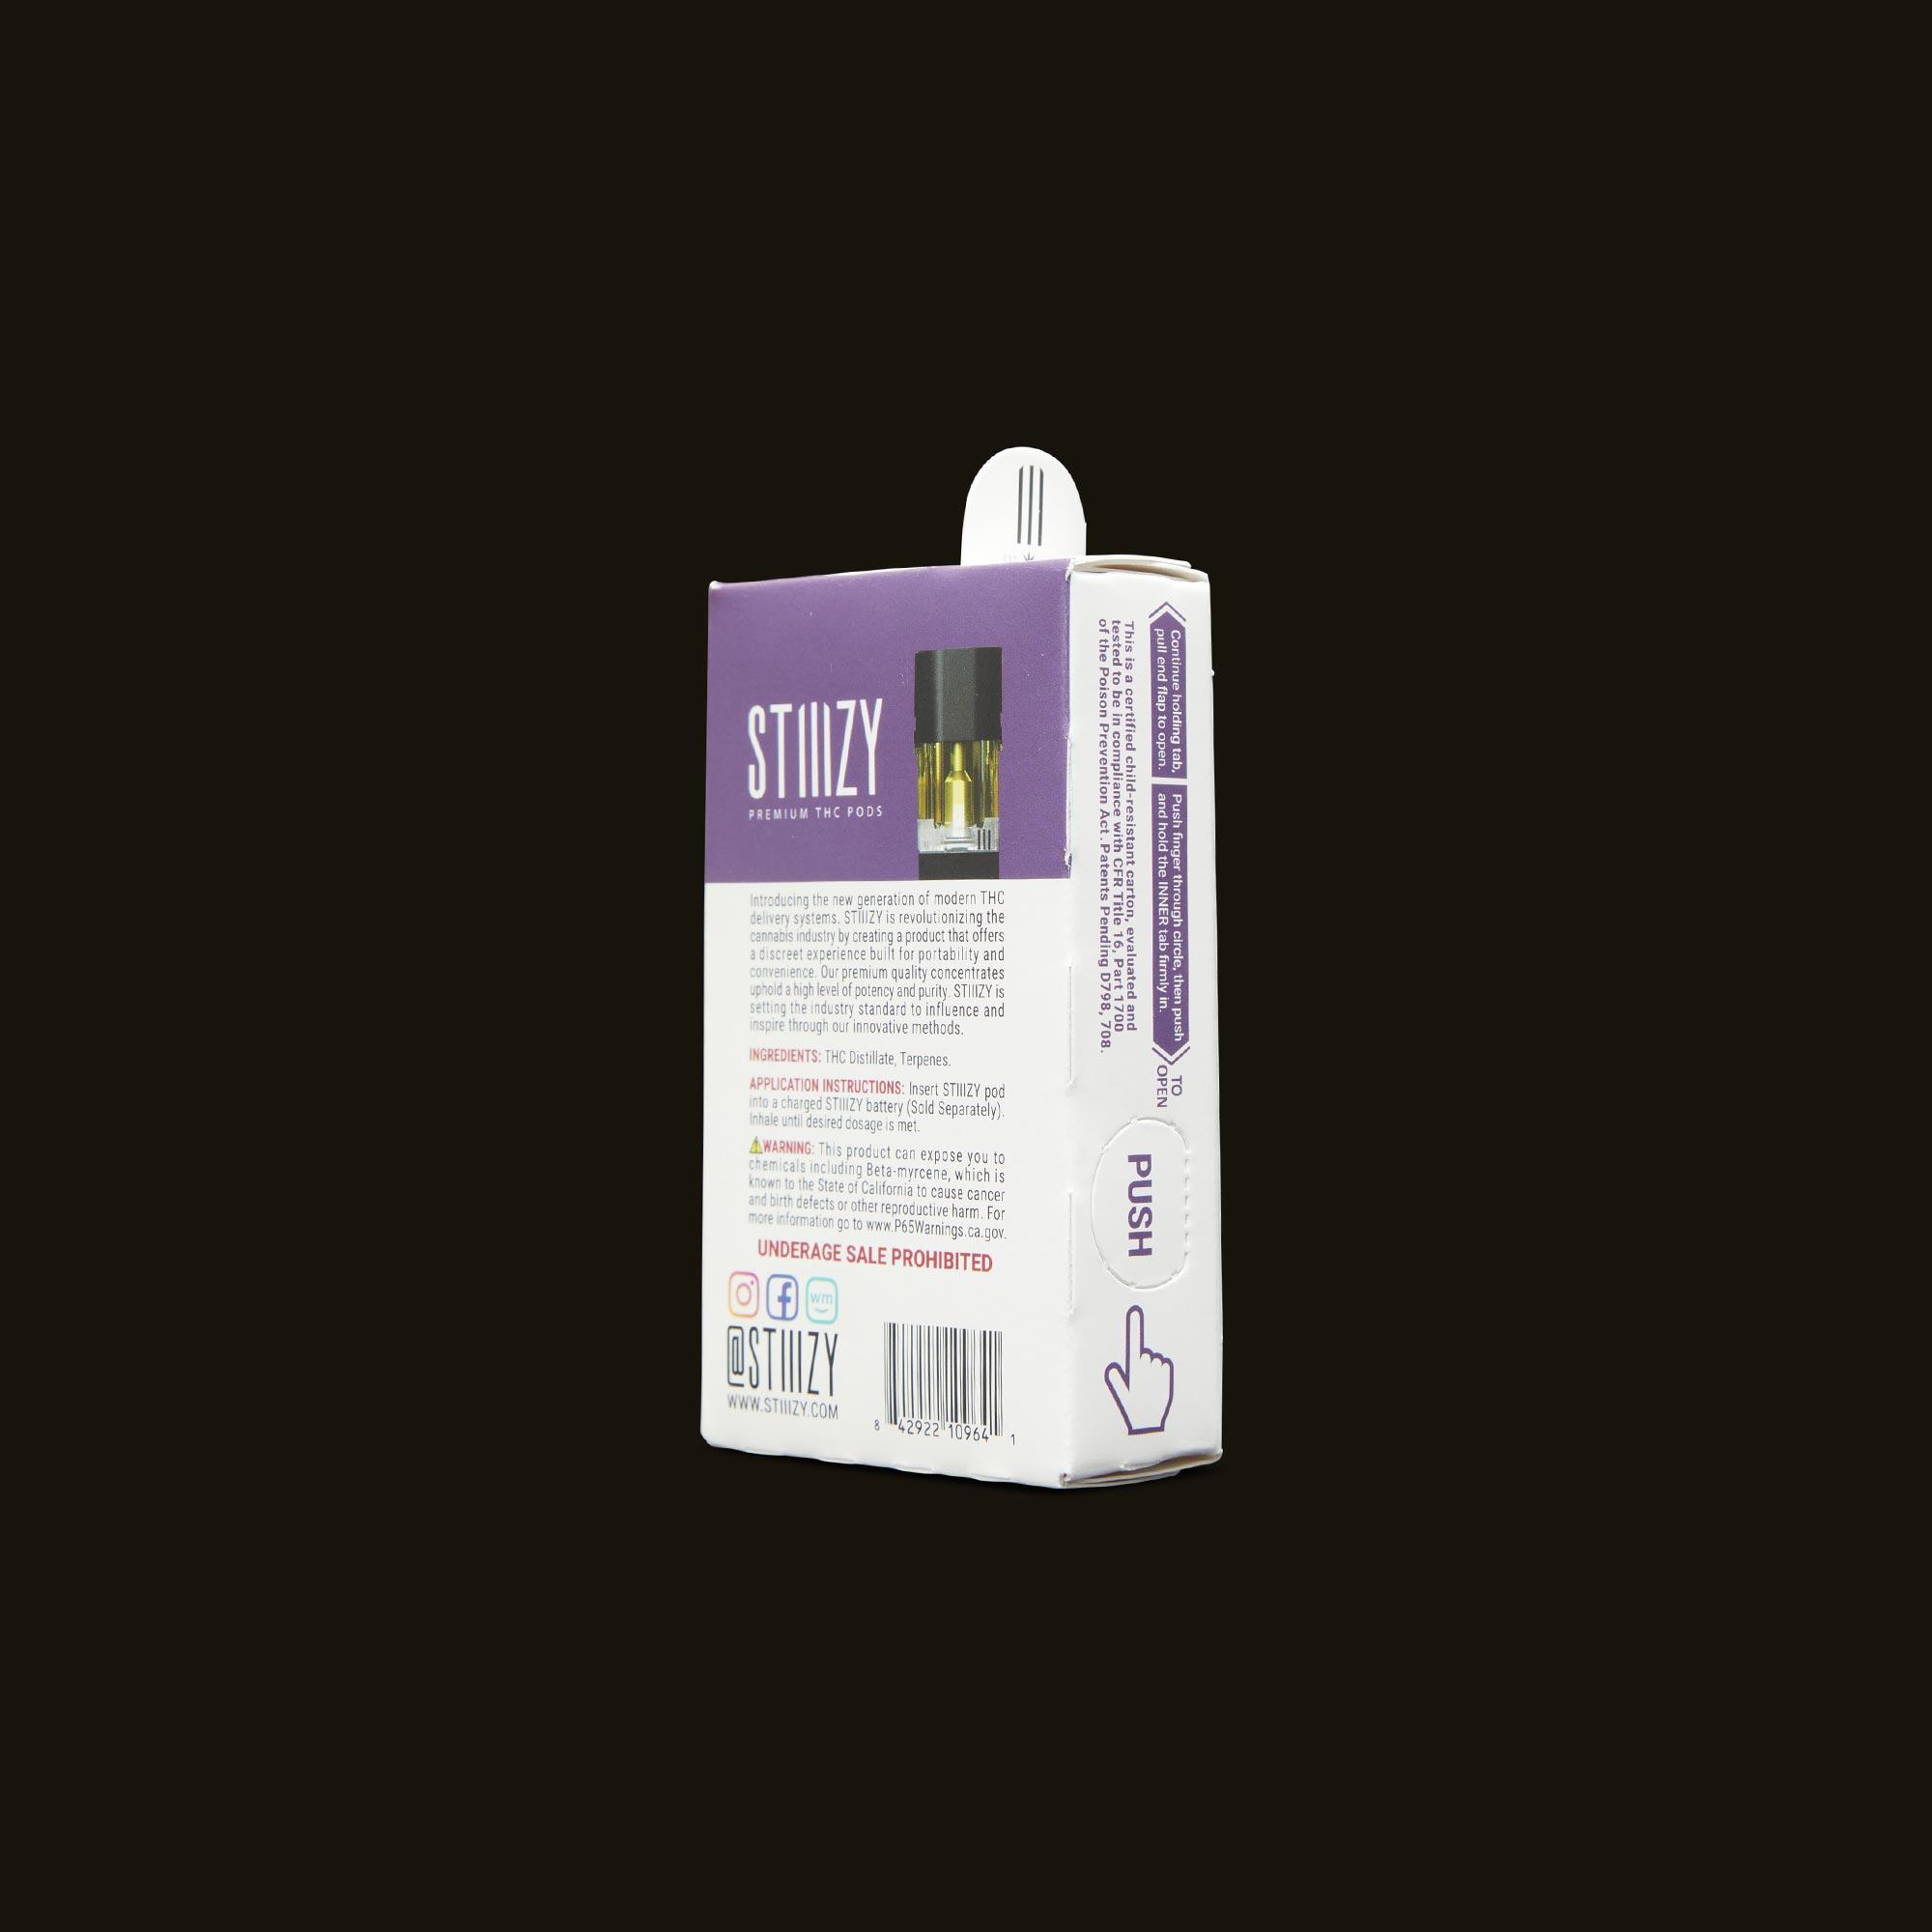 Stiiizy OG Kush Pod Back Packaging